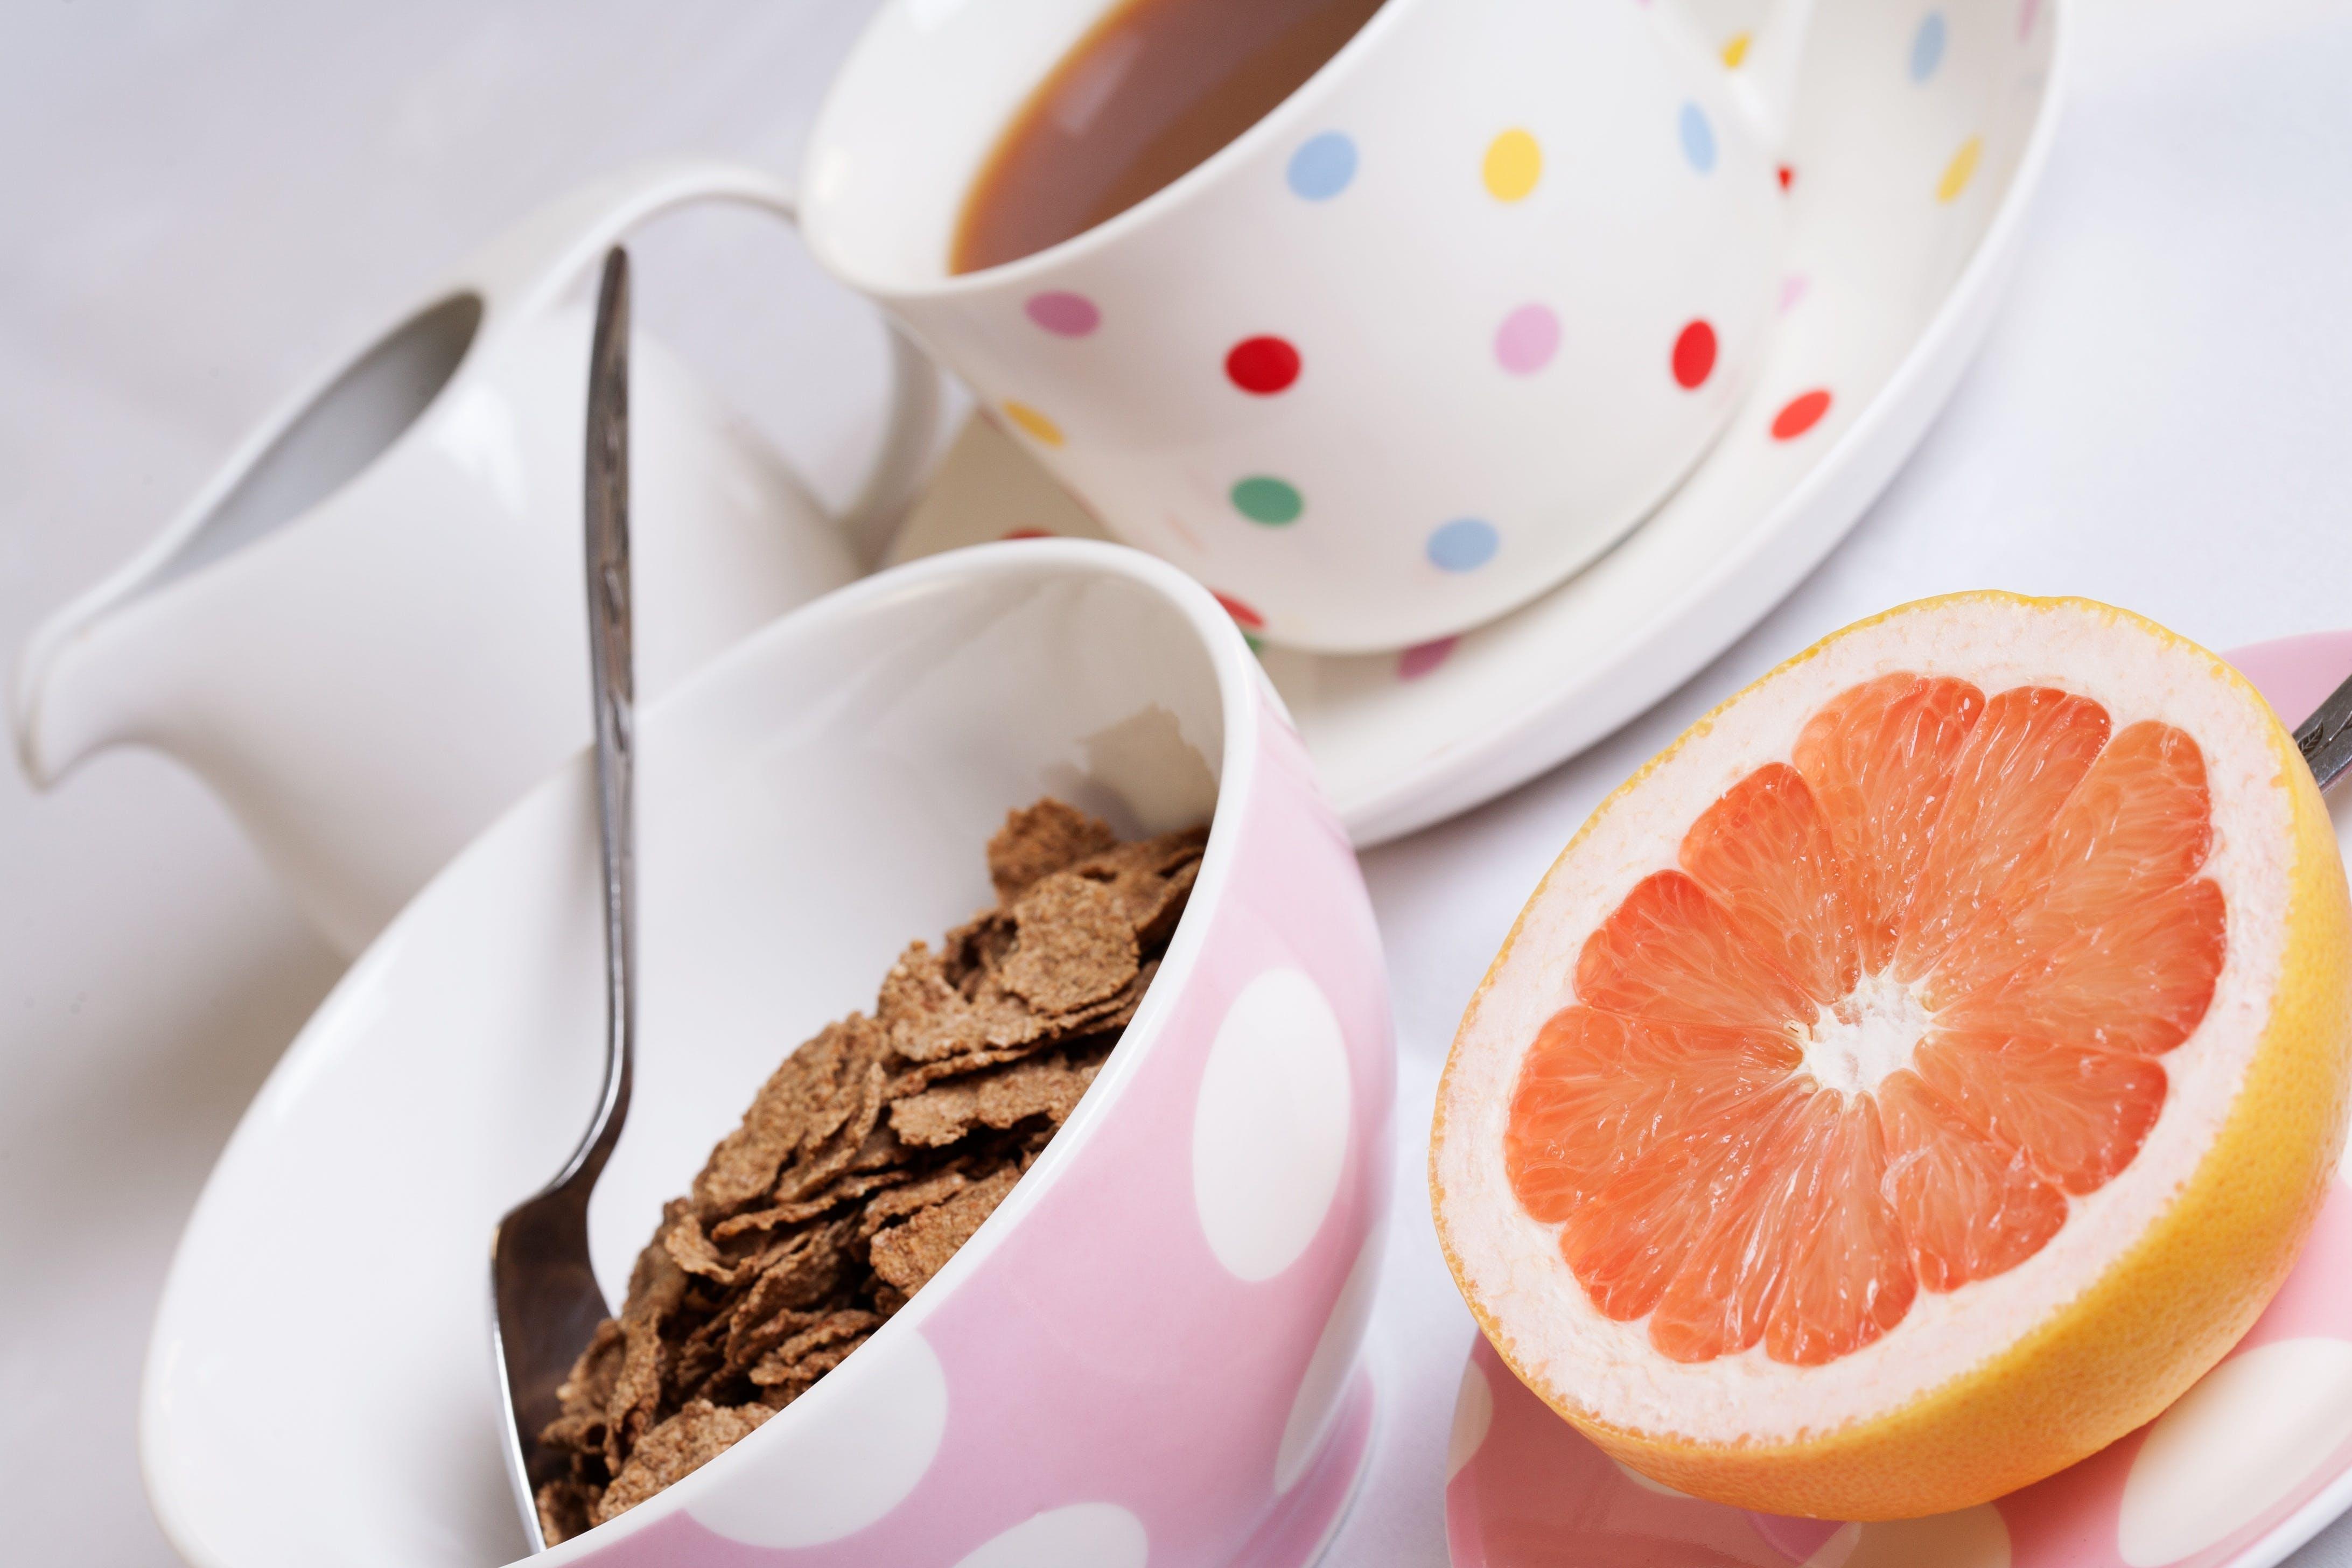 Ingyenes stockfotó bögre, csésze, csészealj, egészséges témában